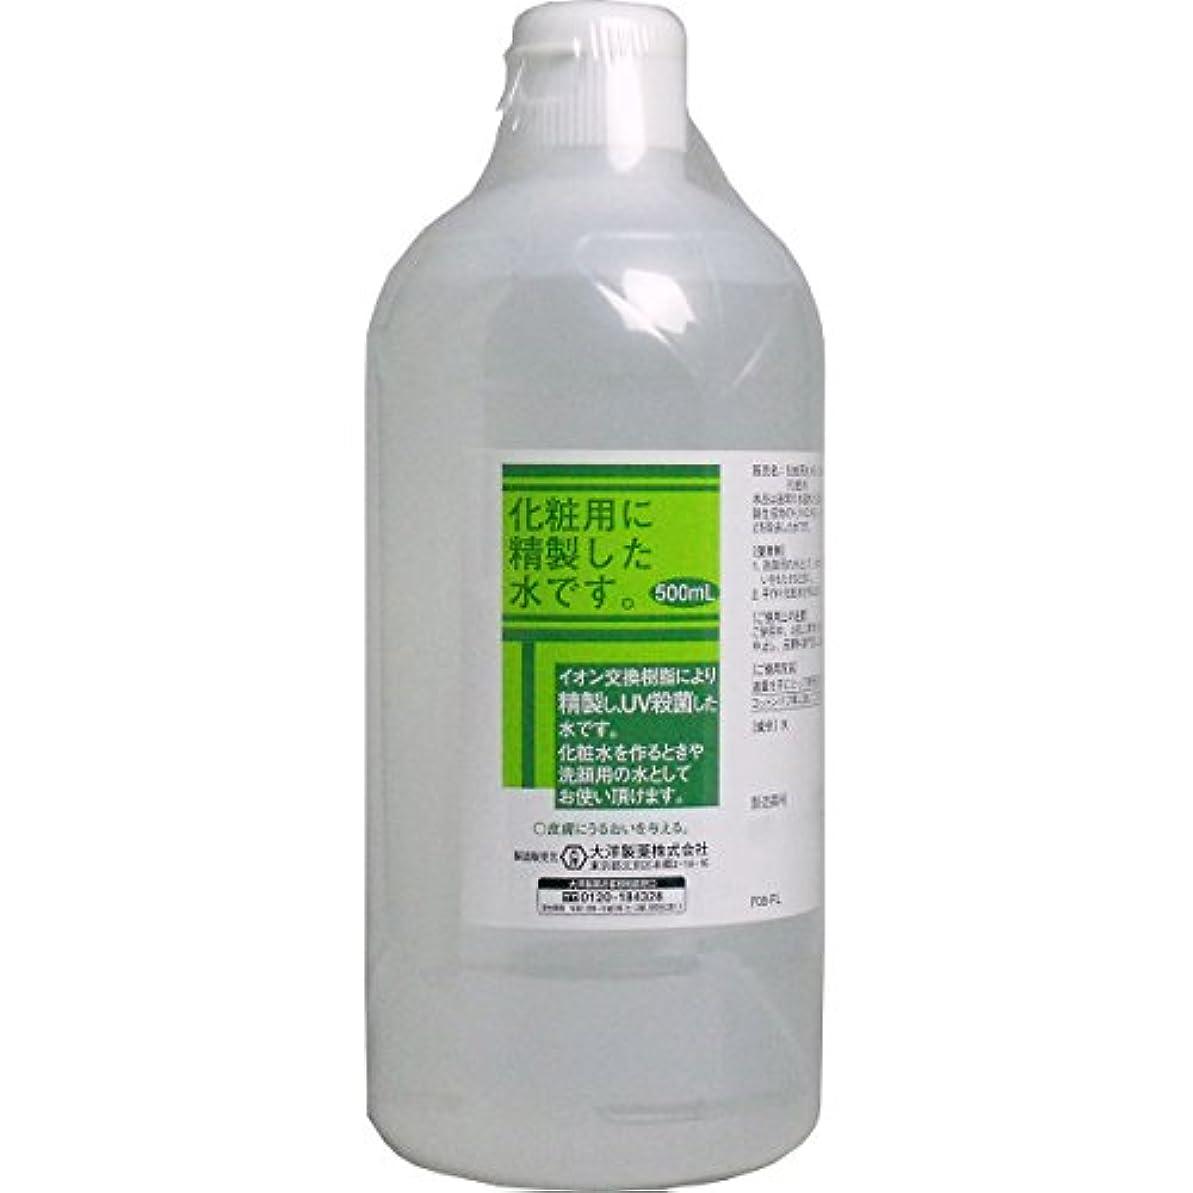 ジャンプ示す遺体安置所化粧用 精製水 HG 500ml (500ml×5本)